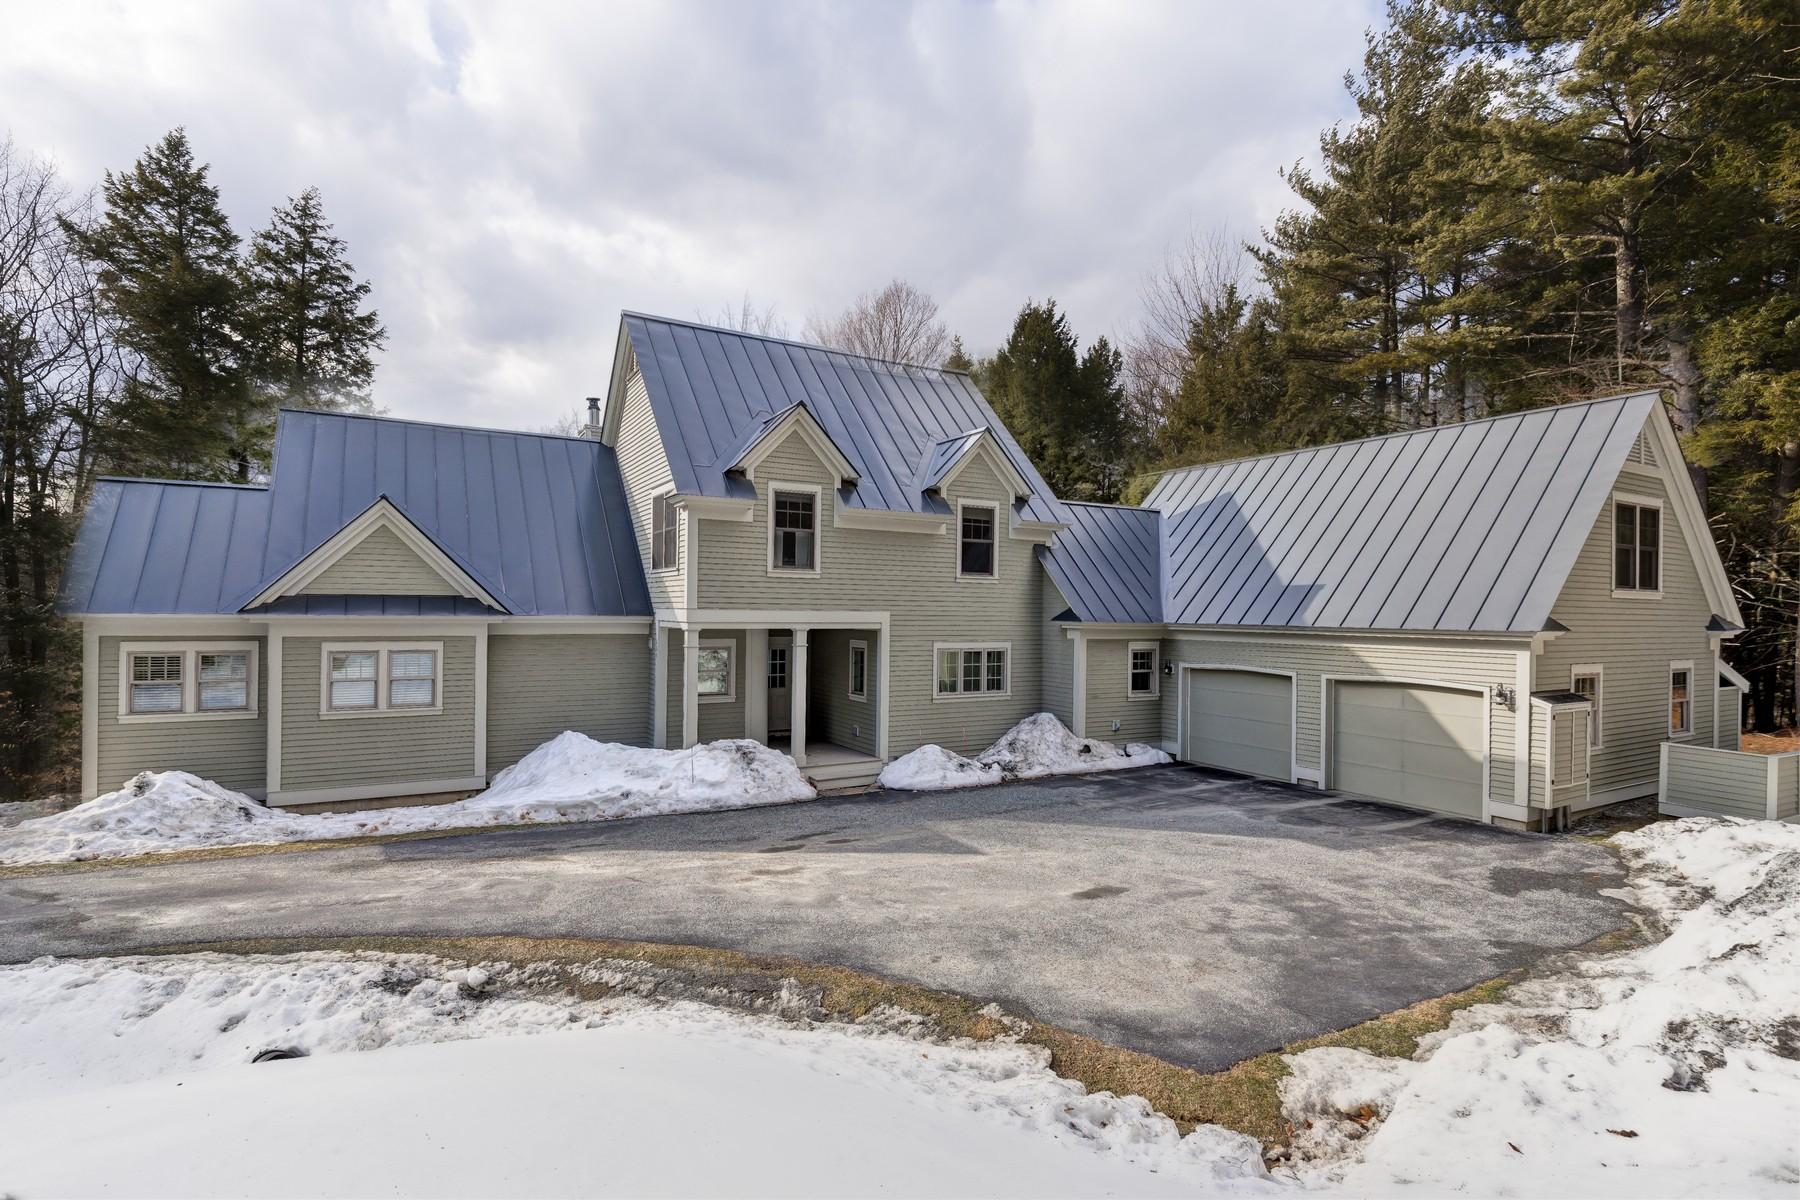 Частный односемейный дом для того Продажа на 155 Coolidge Drive, Hartford Hartford, Вермонт, 05059 Соединенные Штаты